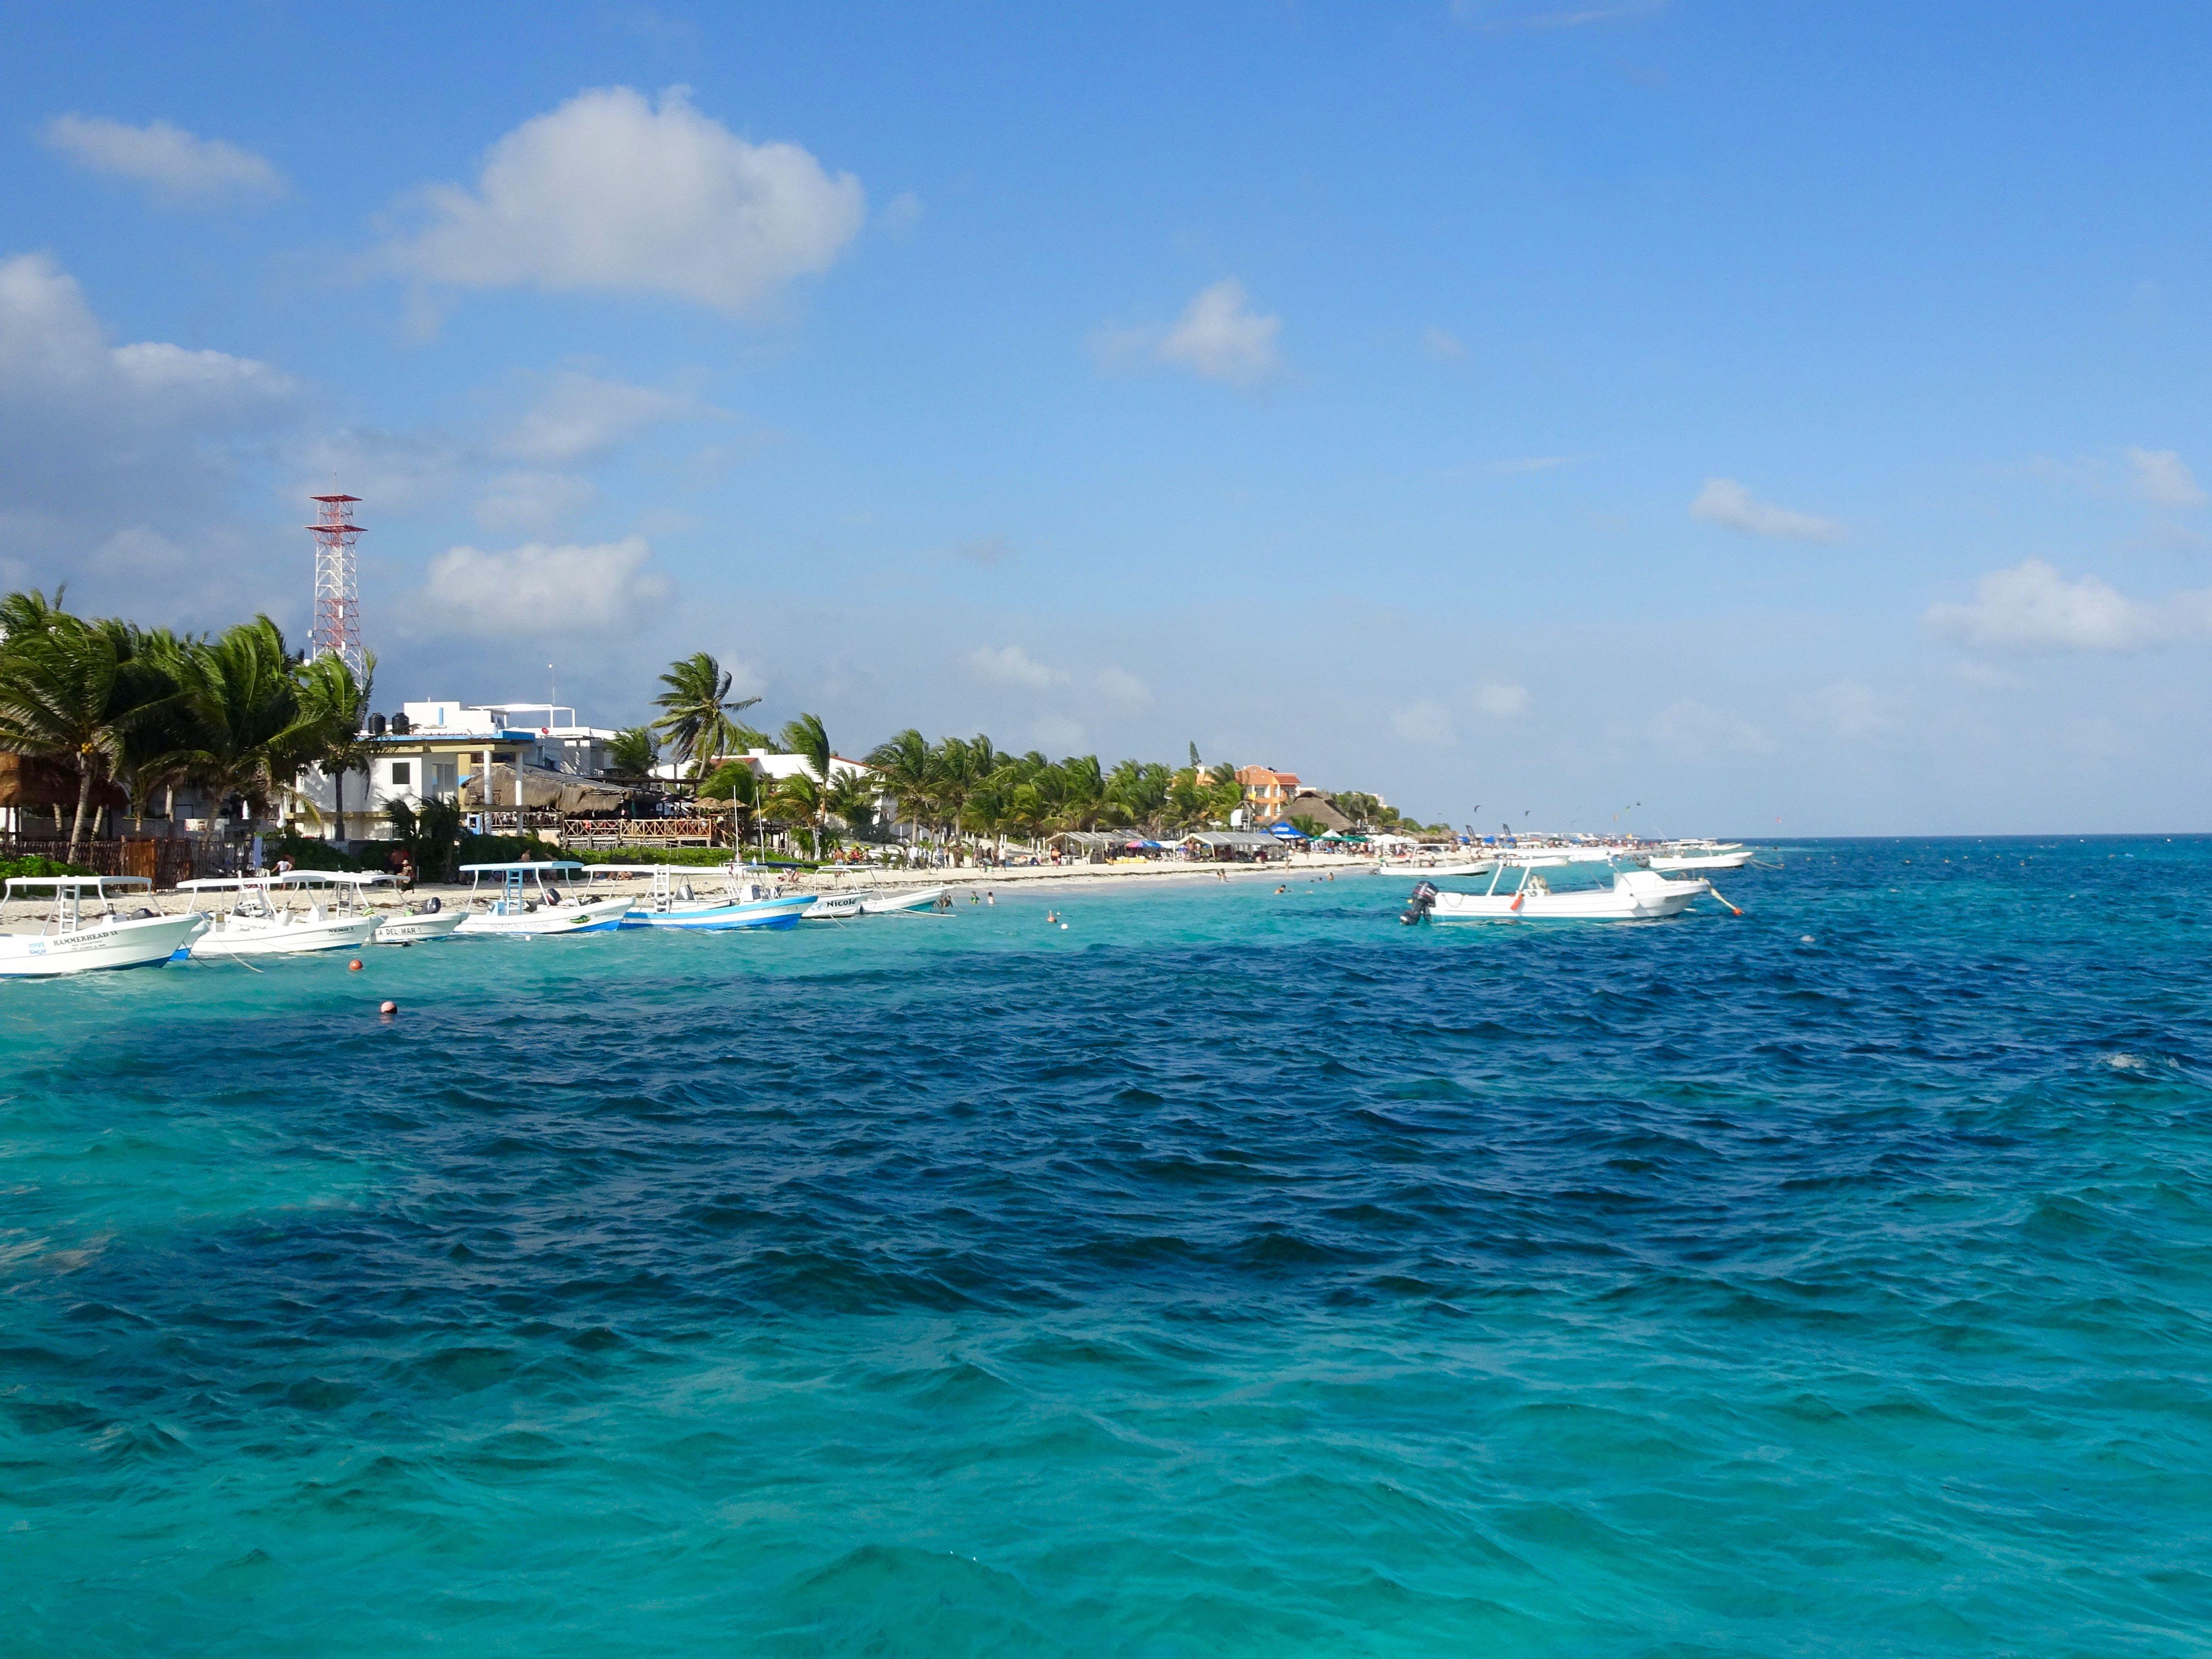 Puerto Morelas